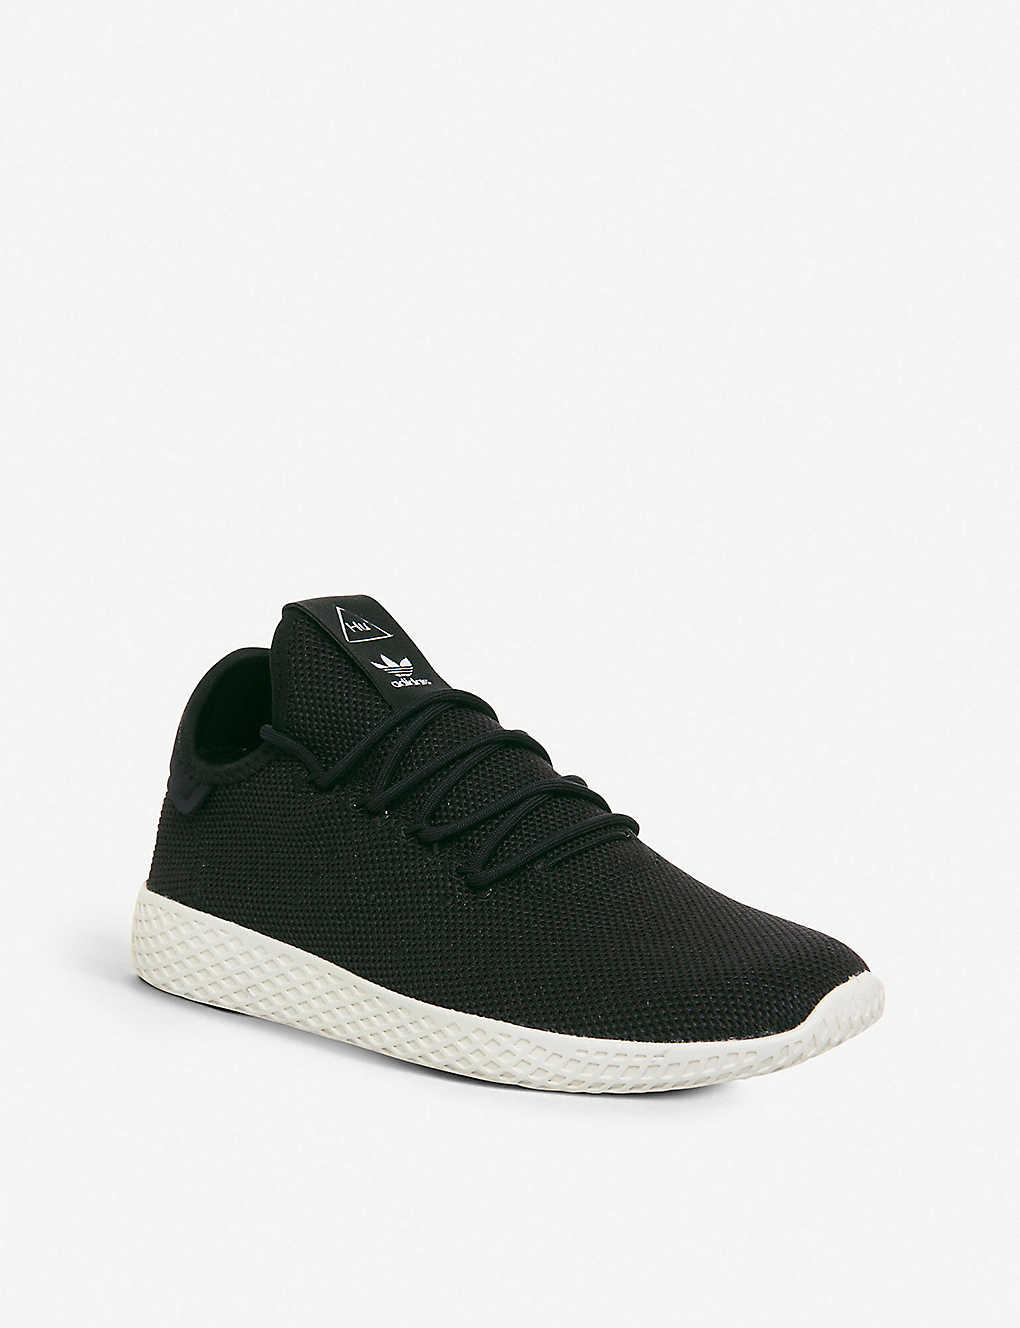 f1d76d87e ... adidas x Pharrell Williams Tennis Hu knit trainers - Core black ...